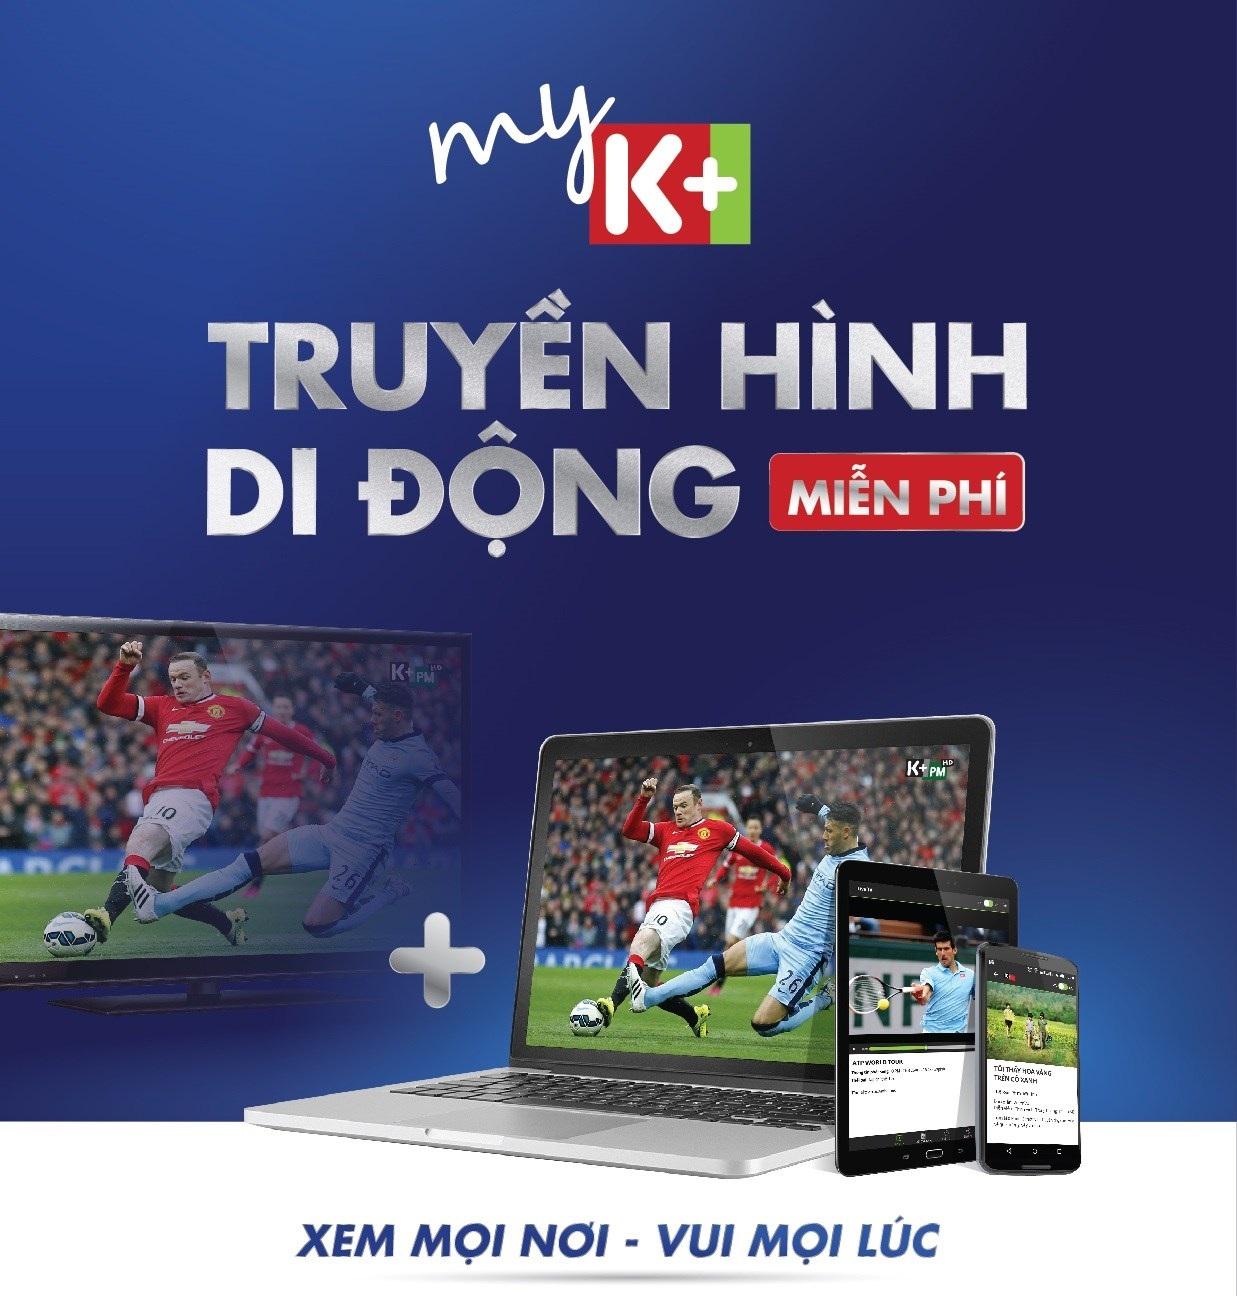 K+ công bố gói kênh mới PREMIUM+ và ứng dụng xem trực tuyến MYK+